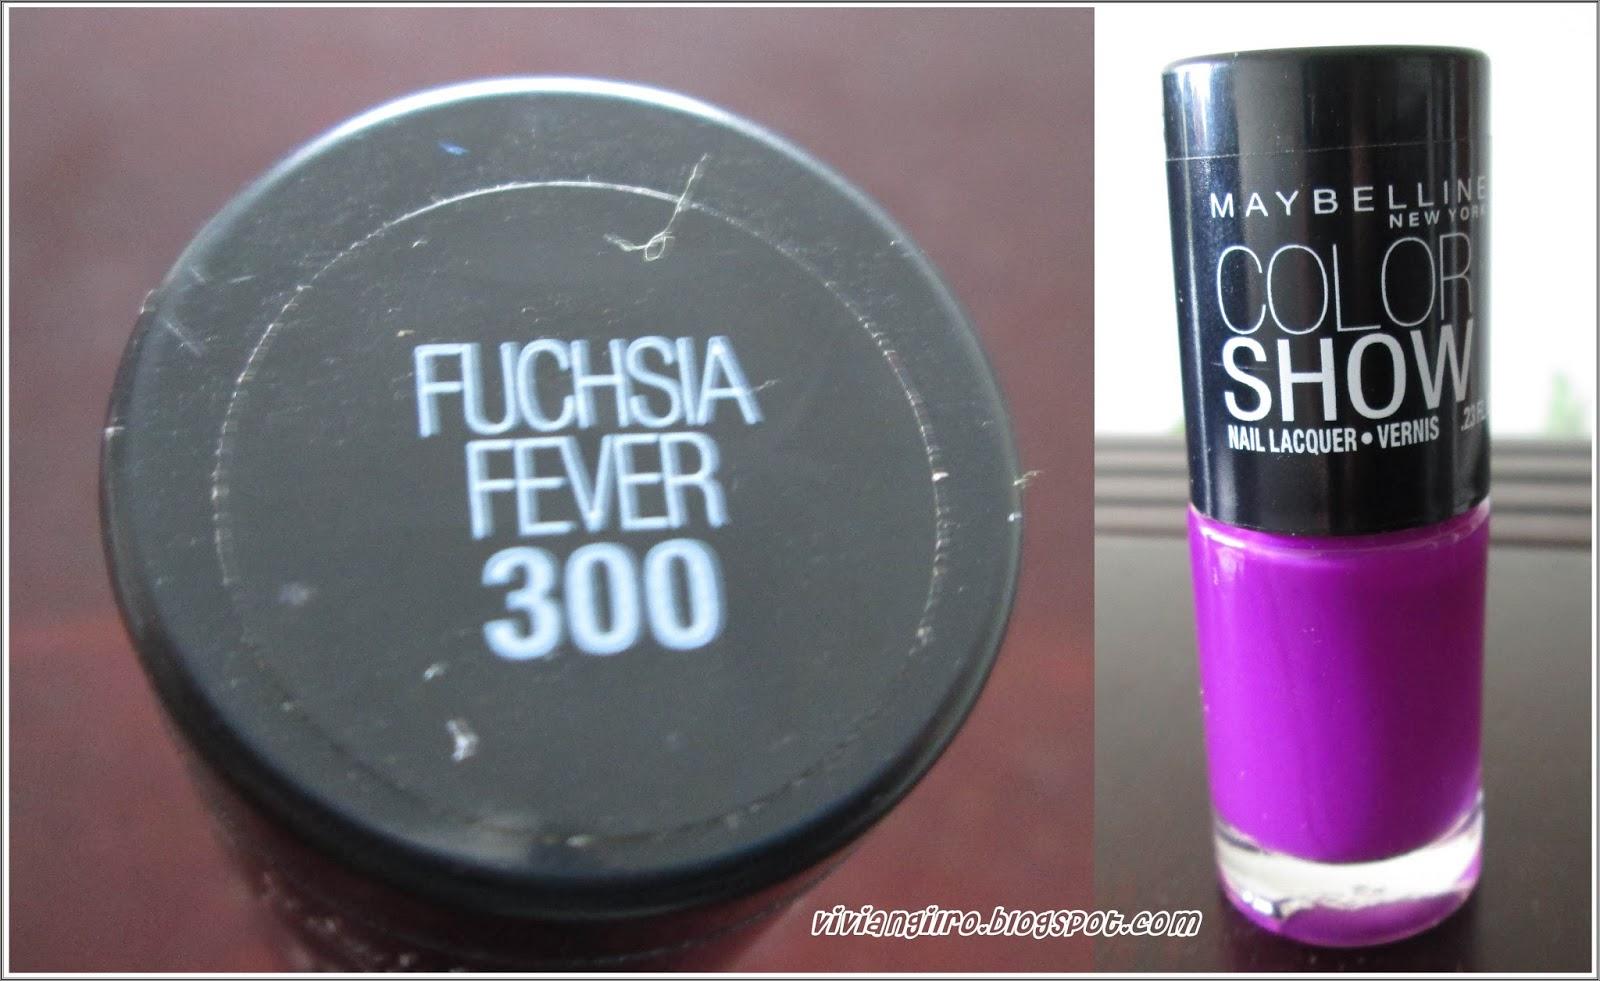 Probando el esmalte Fuchsia Fever 300 de Maybelline ~ Viviangilro